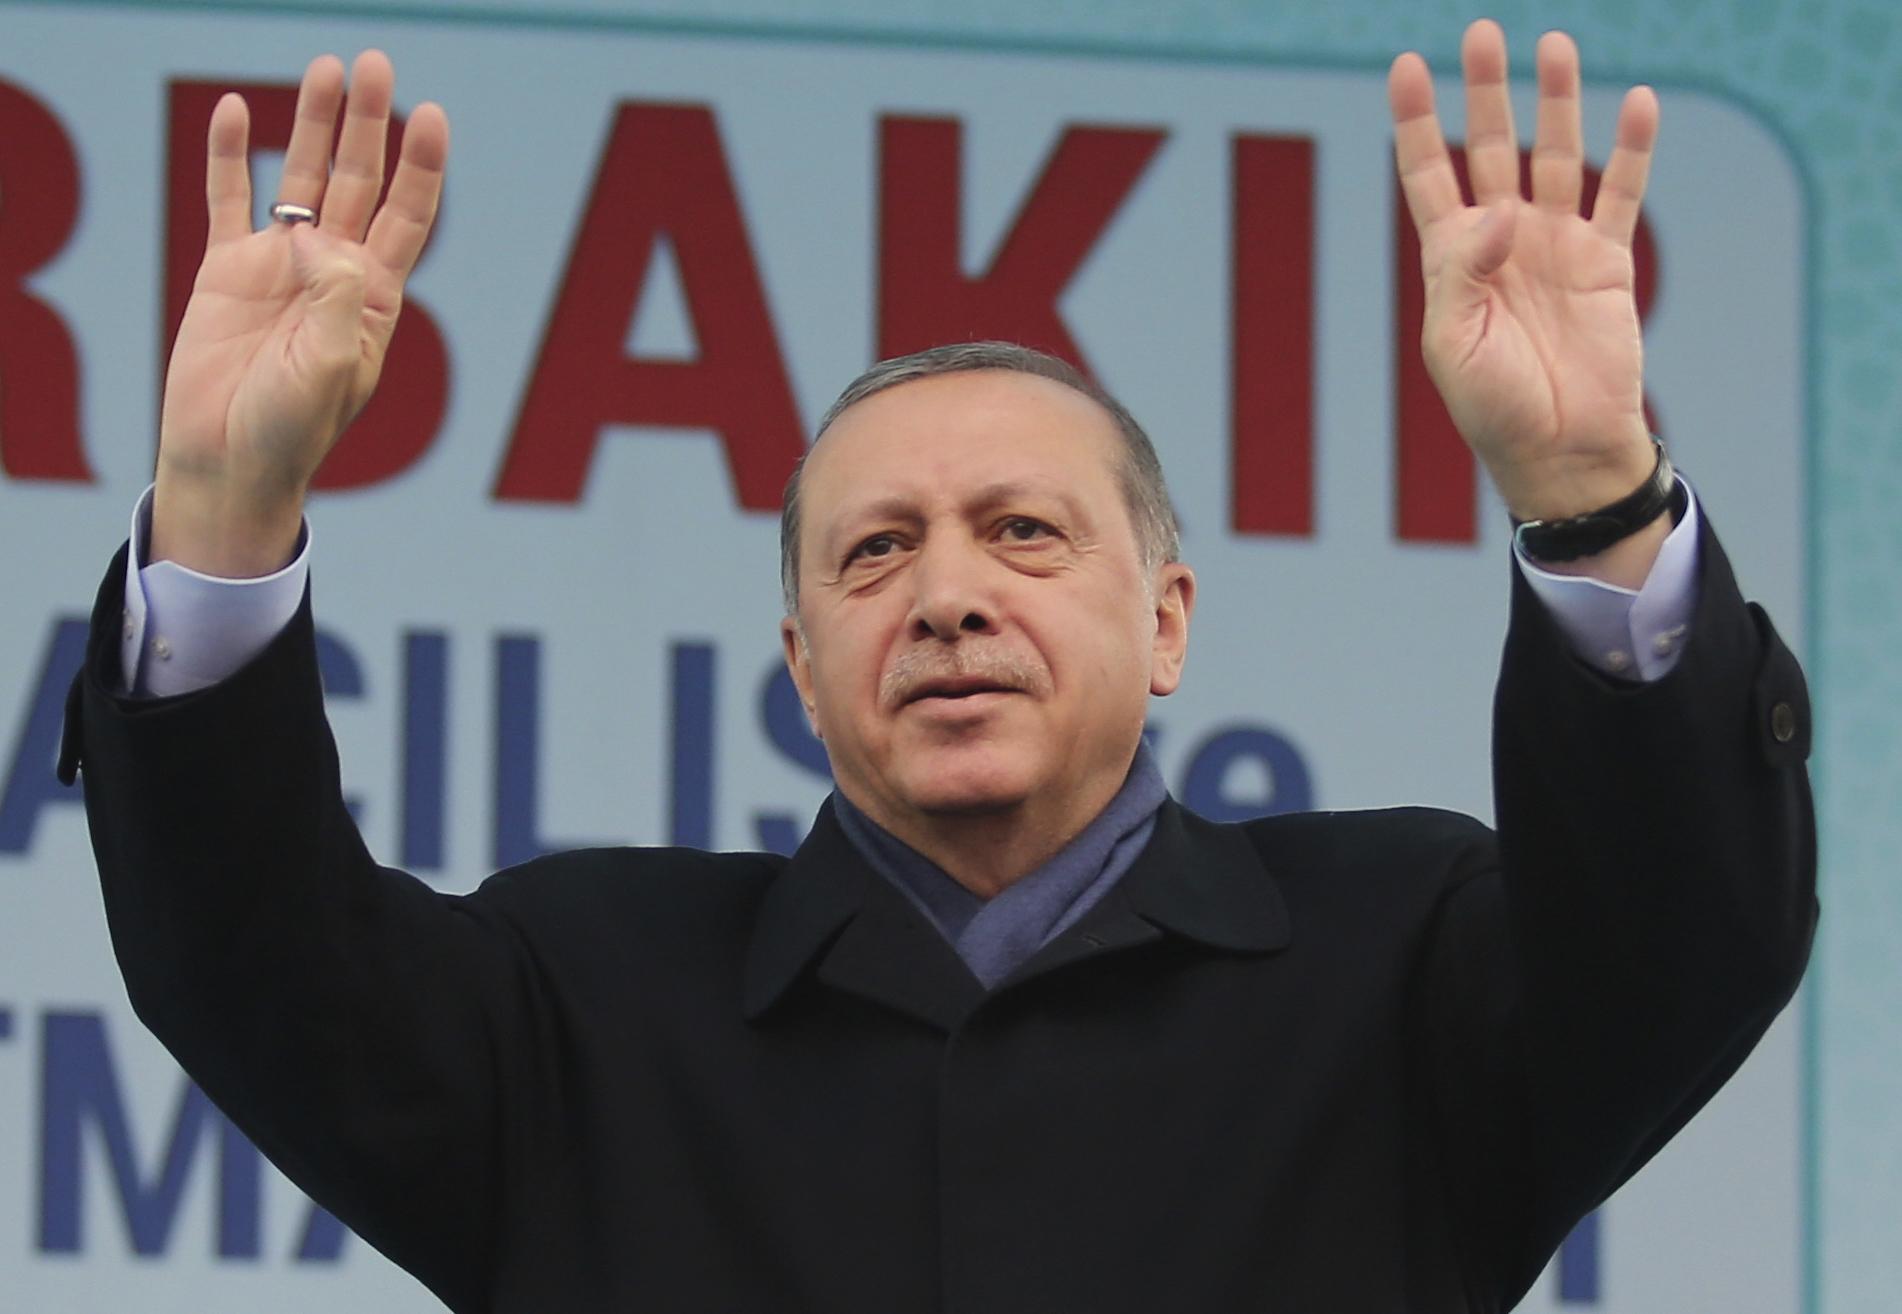 الإخوان المسلمين ـ شبكات تخابر مابين الإستخبارات التركية والتنظيم المركزي